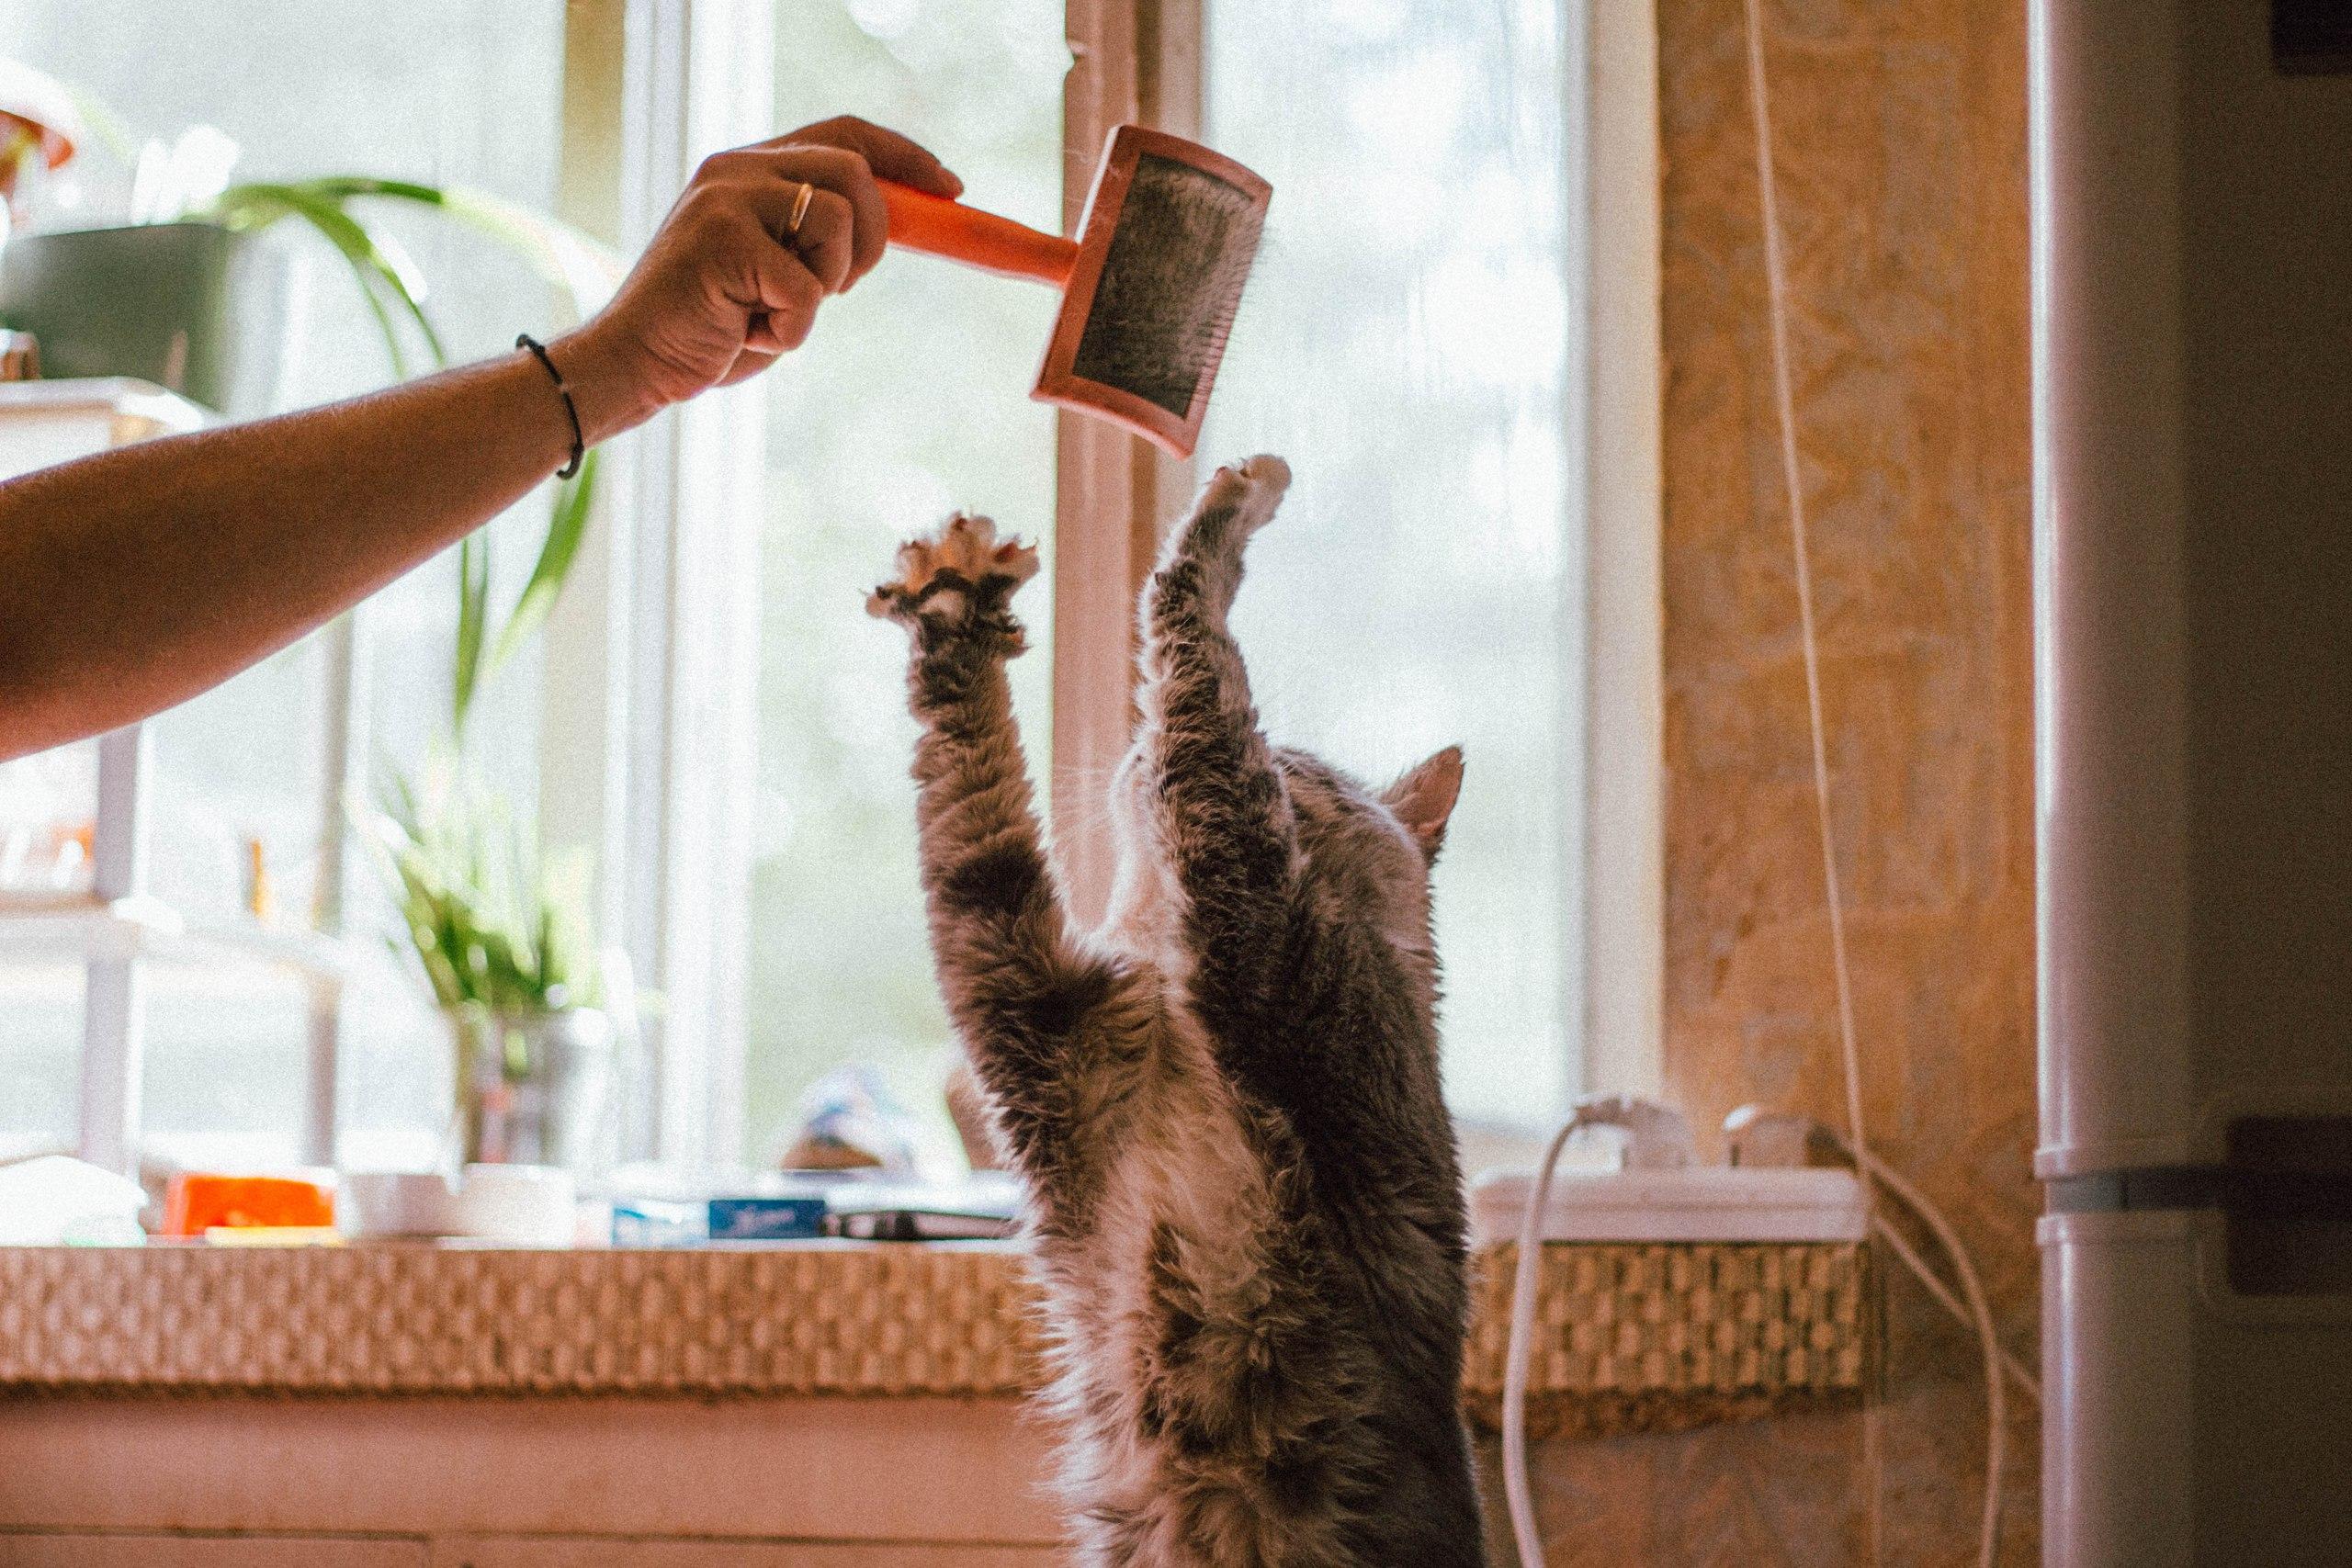 Leczenie kotem opiera się na dwóch podstawowych rodzajach - aktywności z kotem lub przebywaniu z kotem. W zależności od przypadku pacjenta modyfikuje się jedną z tych form felinoterapii.